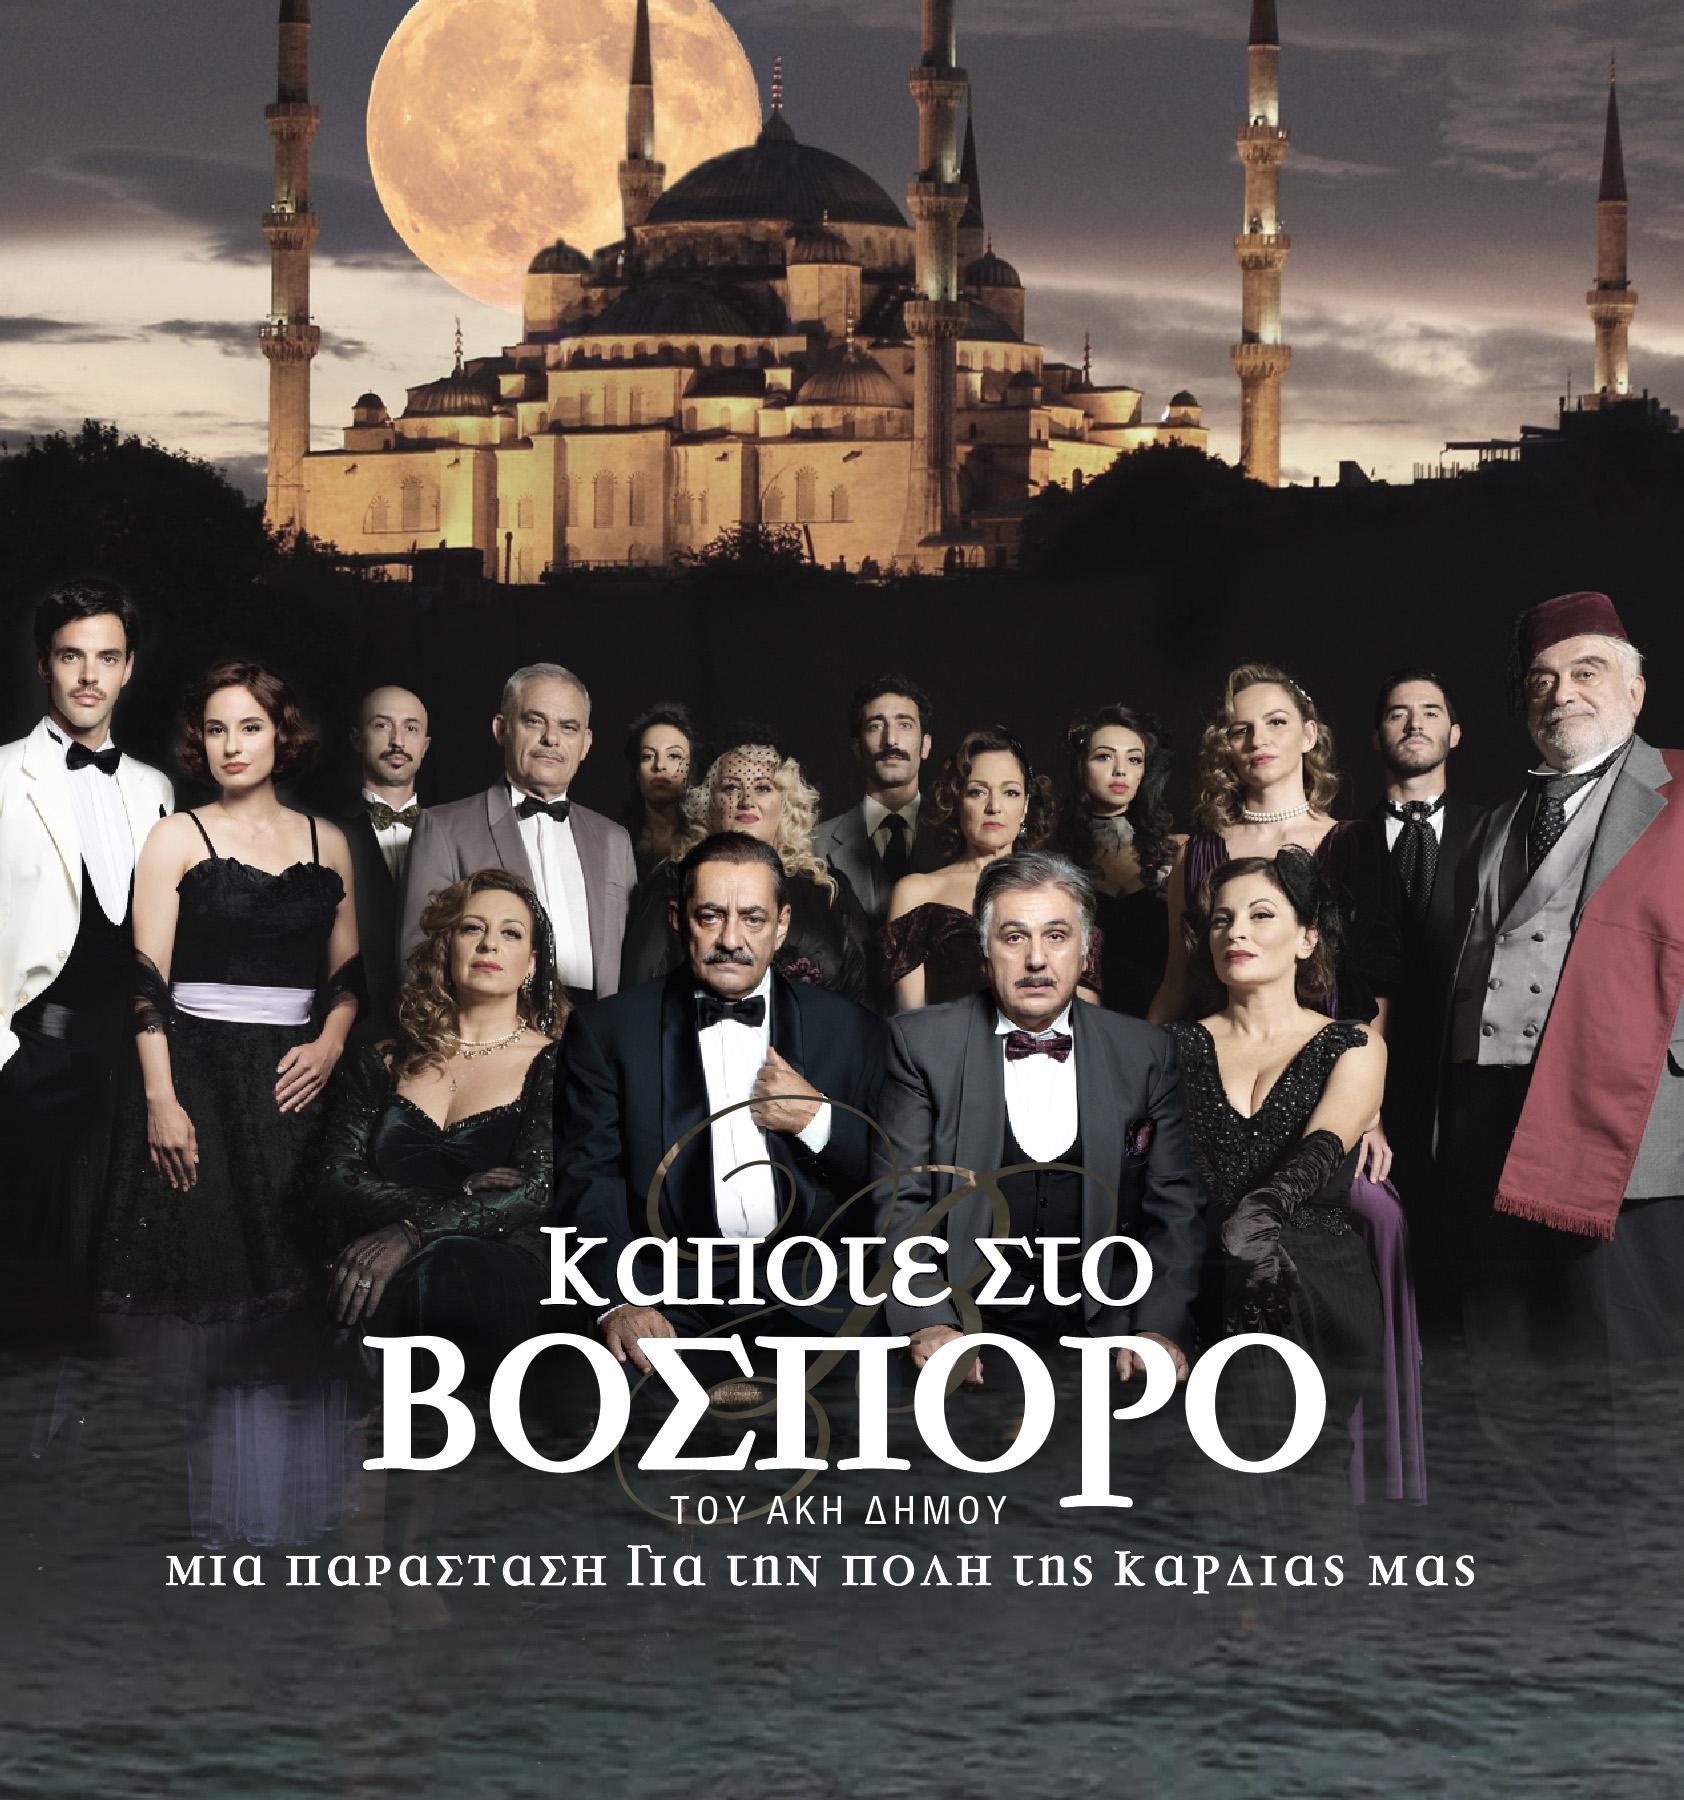 Με άποψη: «Κάποτε στο Βόσπορο» του Άκη Δήμου Μια παράσταση για την Πόλη της καρδιάς μας